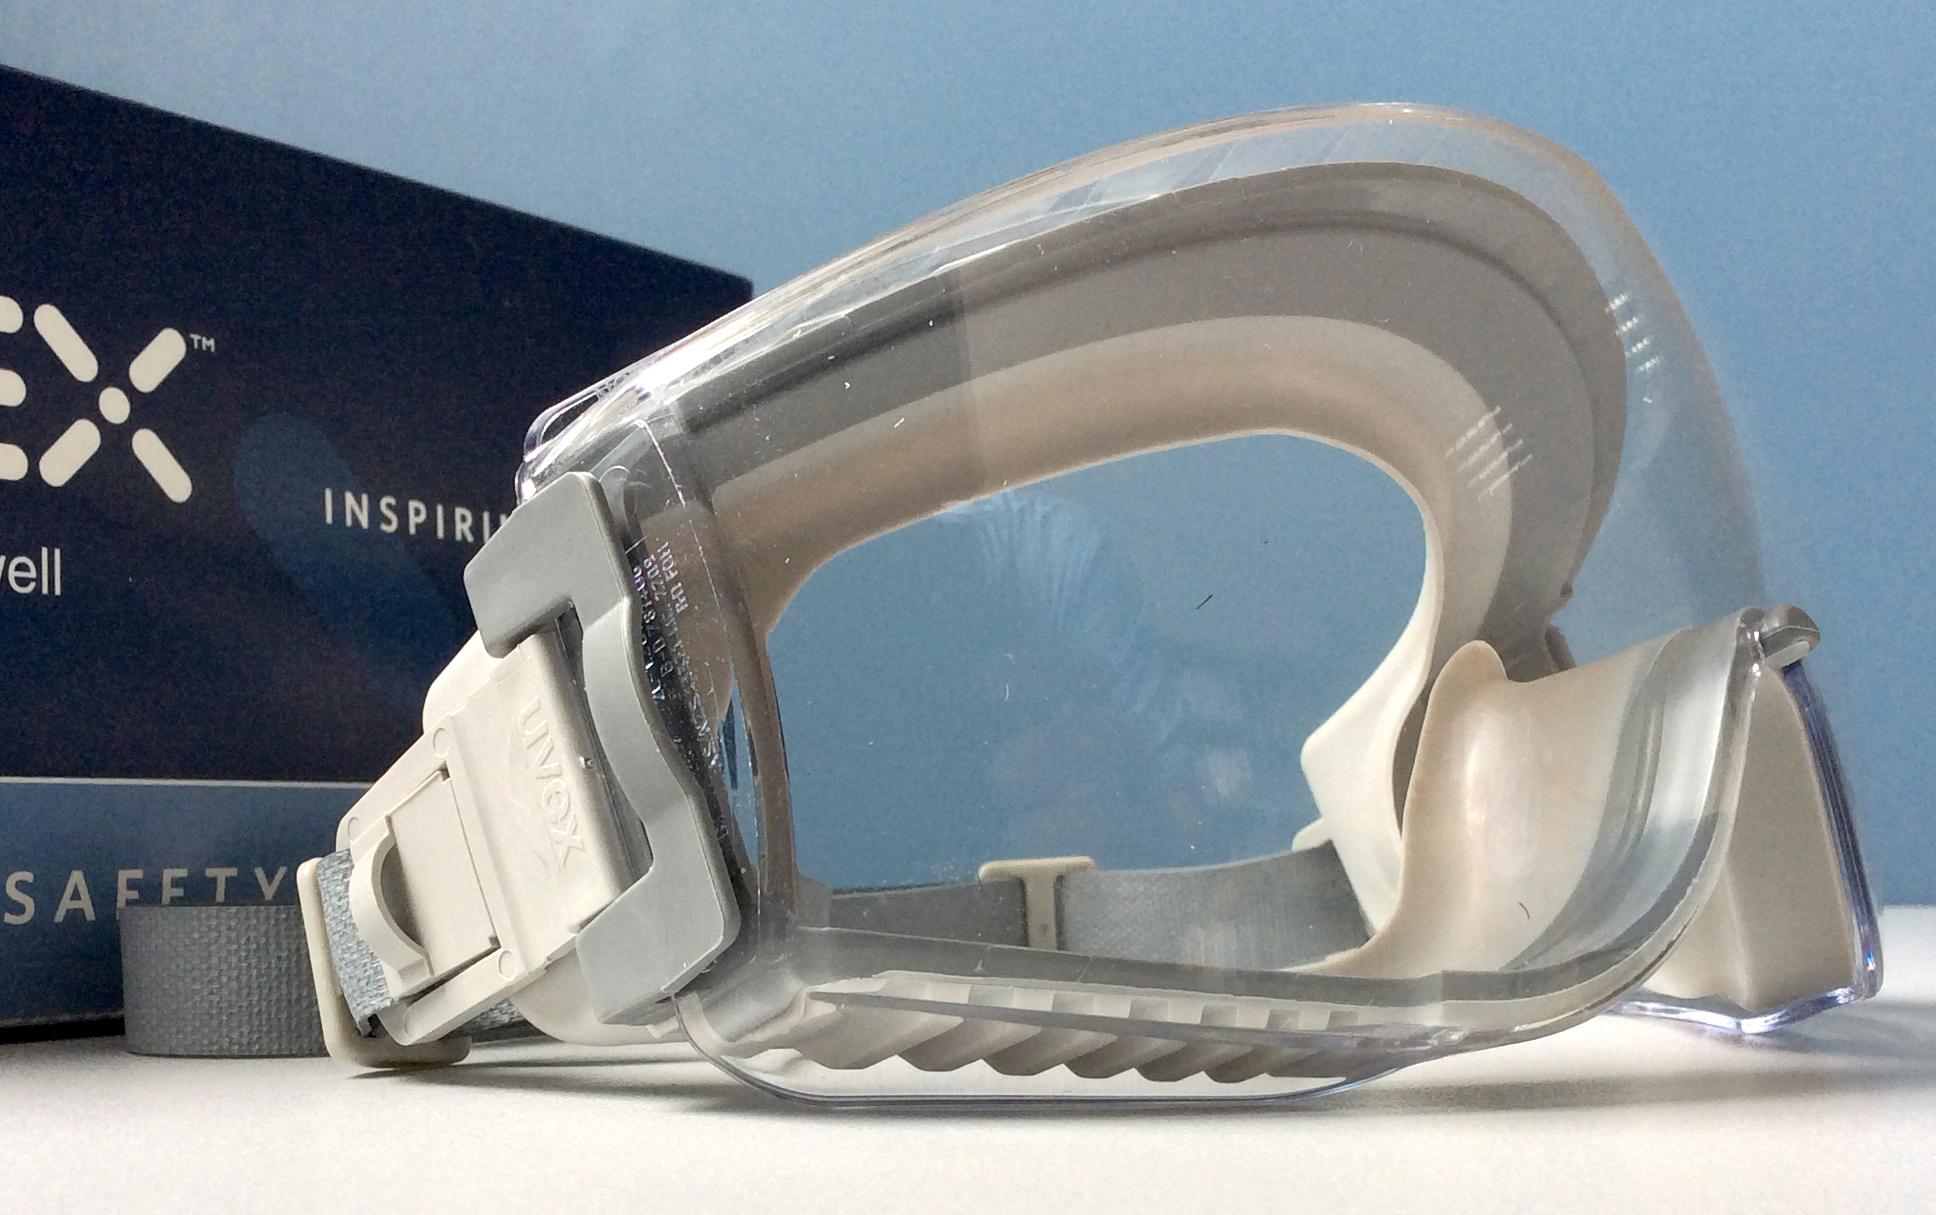 878dec595ca3a uvex stealth. Materiais  Lente  Policarbonato  Armação do óculos   Polipropileno com elastômero